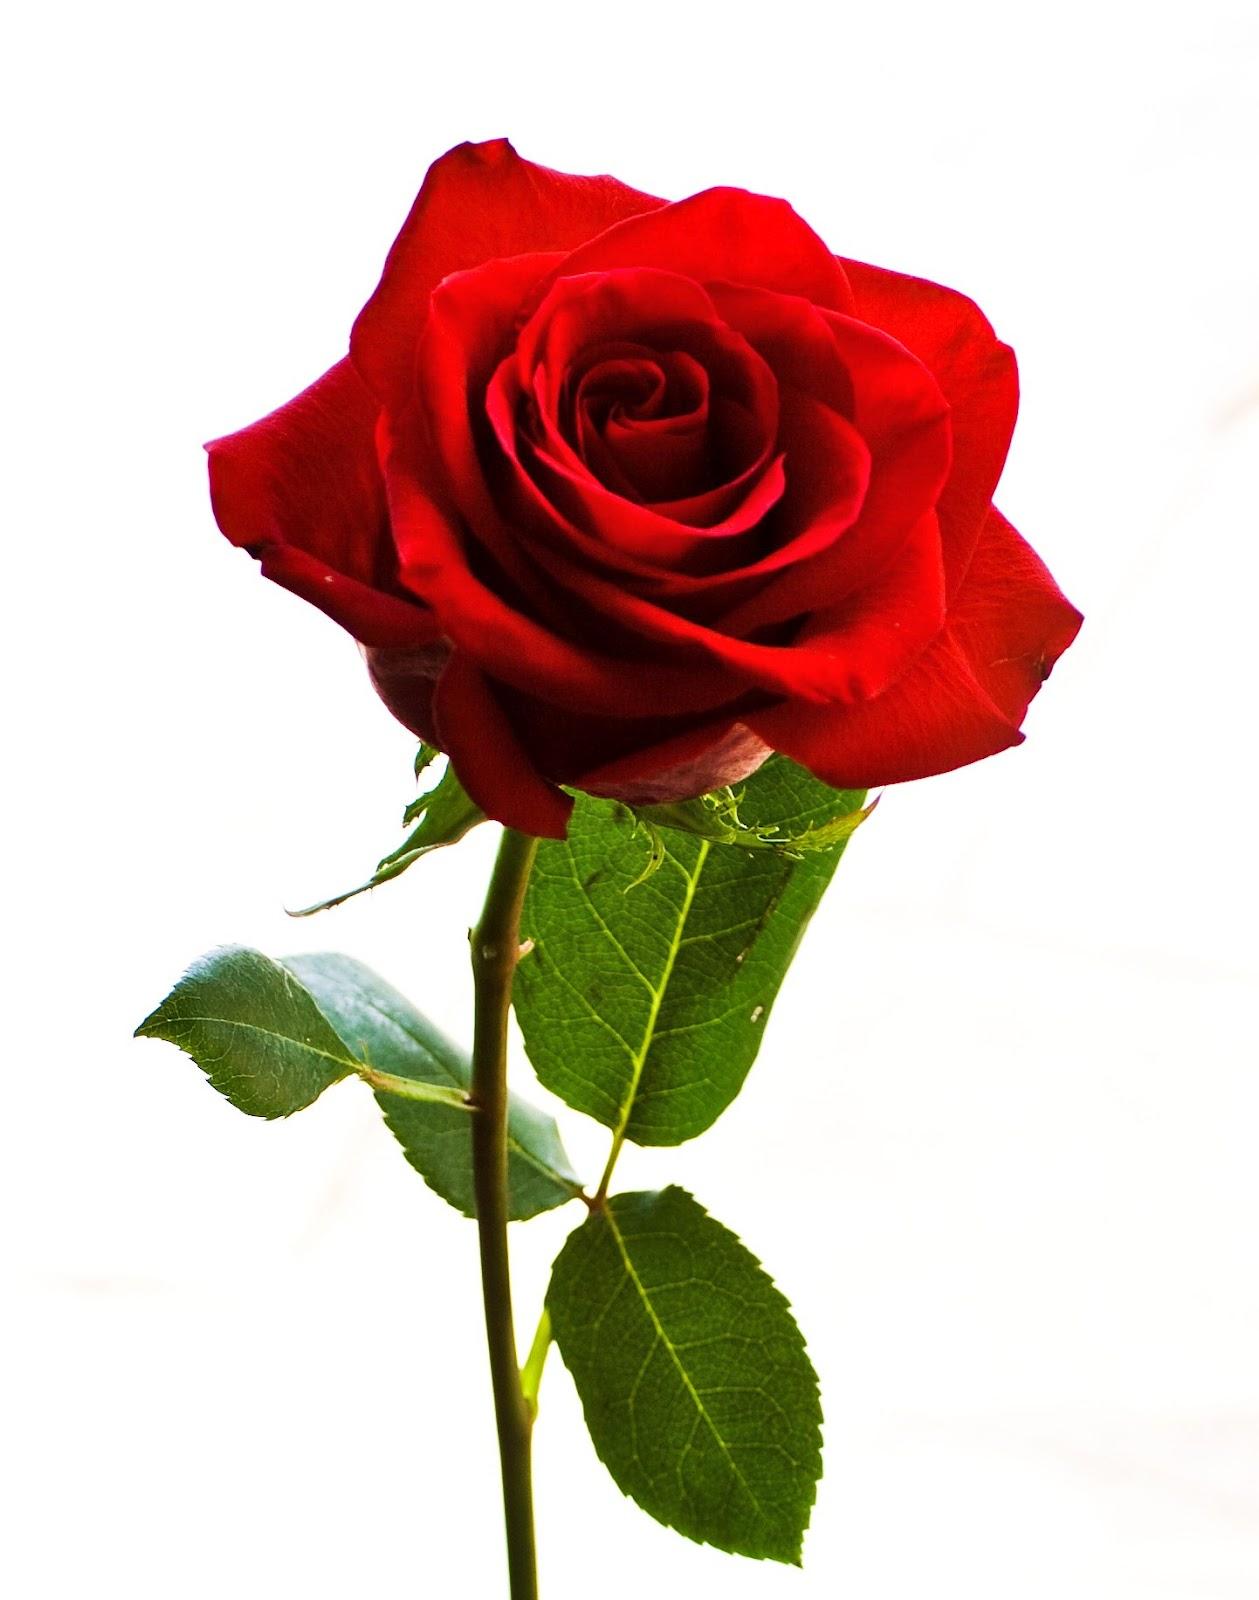 Tumbuh Rose of Sharon Shrub Hedges di Taman Anda de34ff0ad9